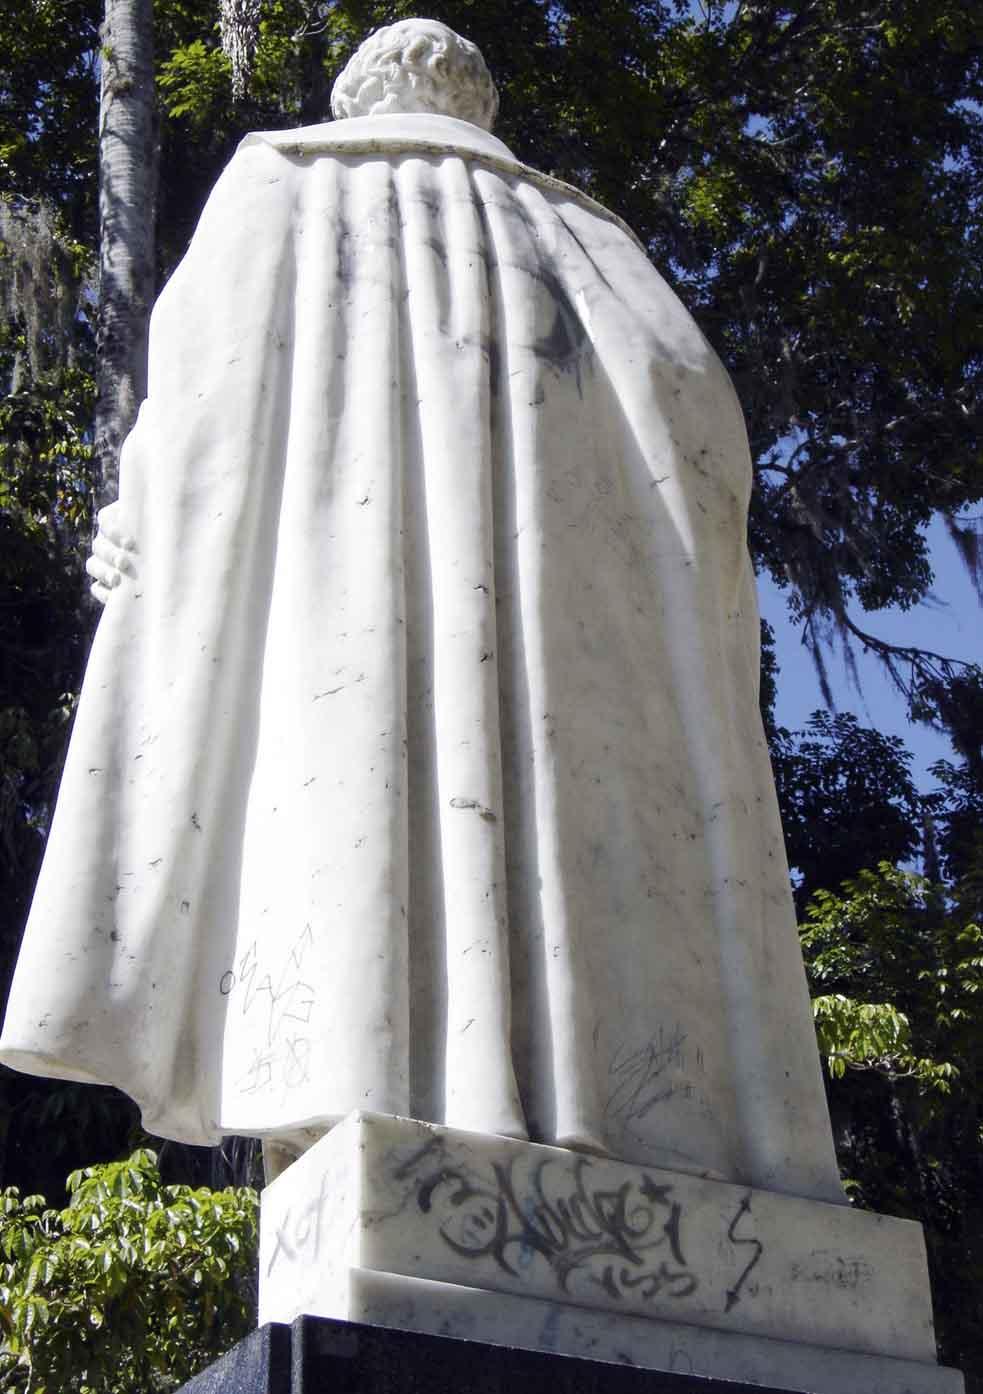 Estatua de Sucre antes de su restauración en el 2006. Foto Silvia Lidia González, 15 de diciembre de 2005